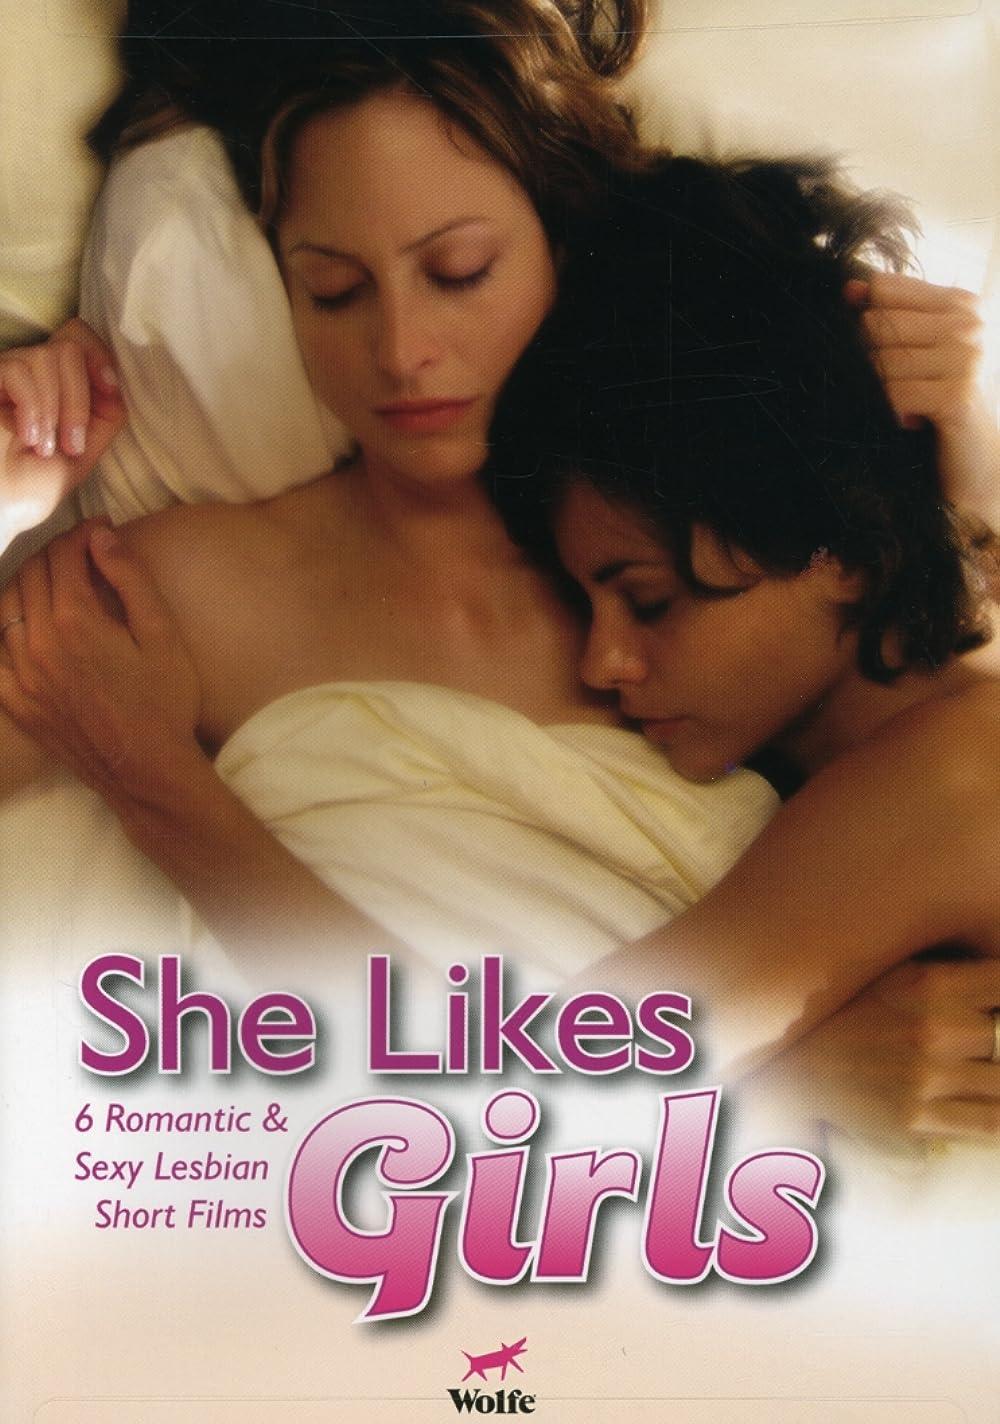 Girls com lesbian Lesbian actresses